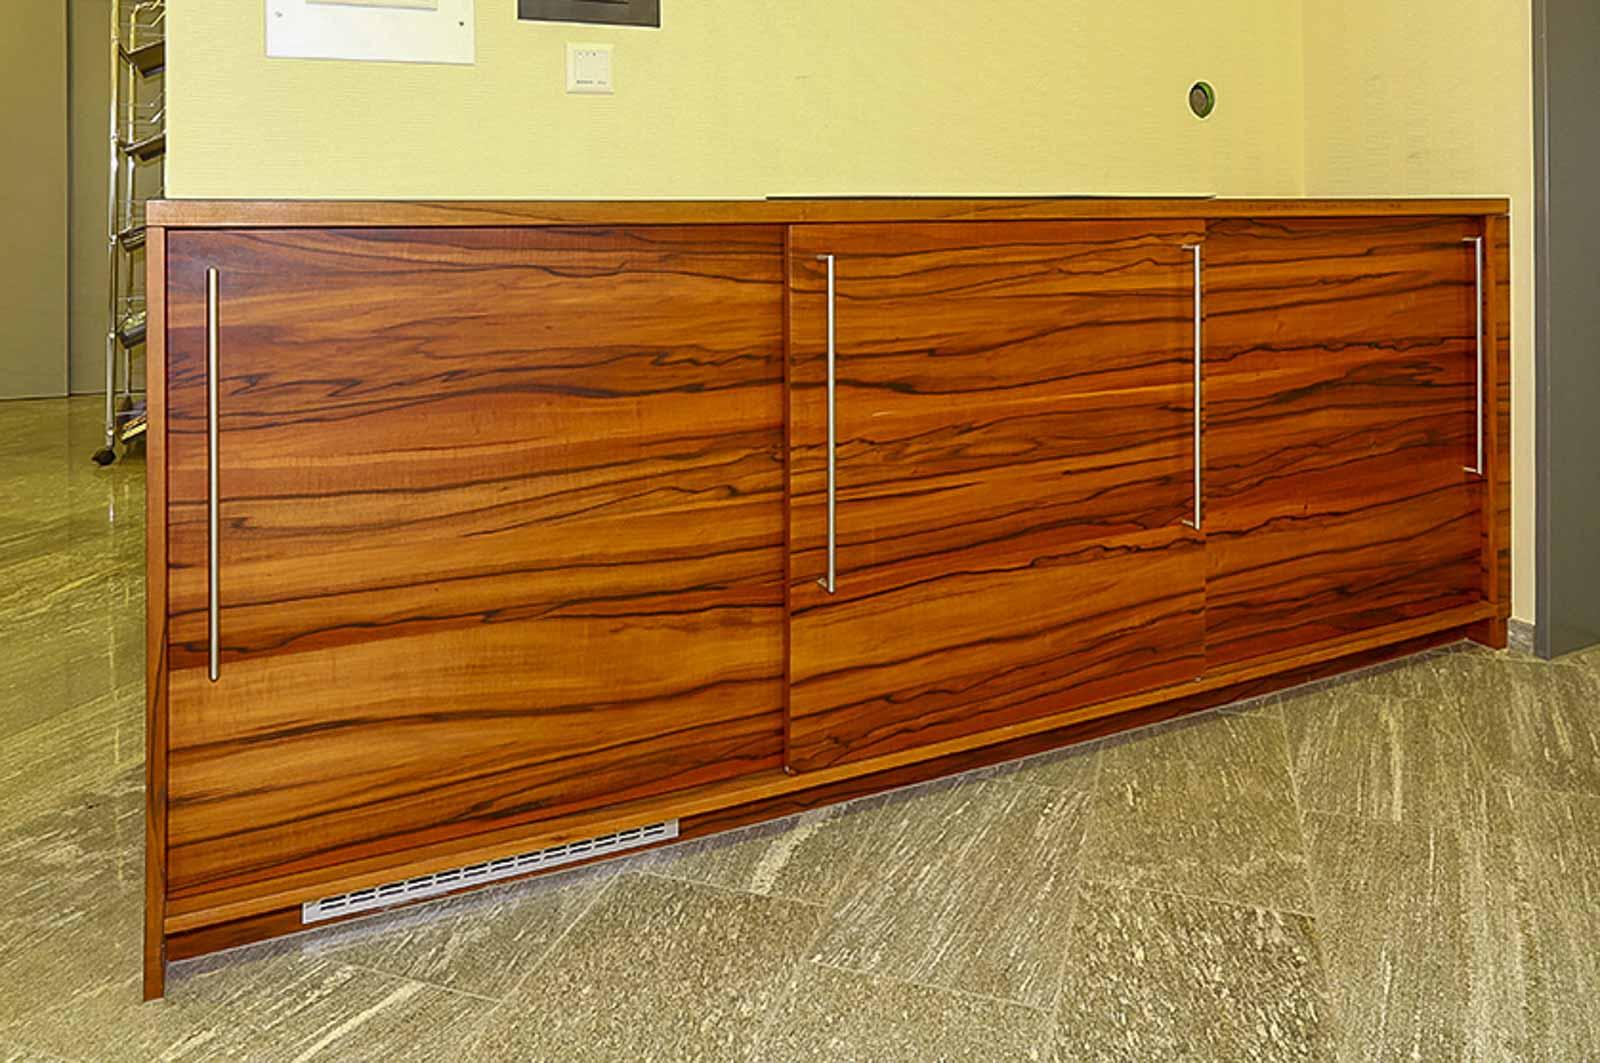 Wooddesign_öffentliche Bauten_Schalteranlage_Raiffeisen Giffers_Beraterbank_Möbel_Empfangskorpus (14)